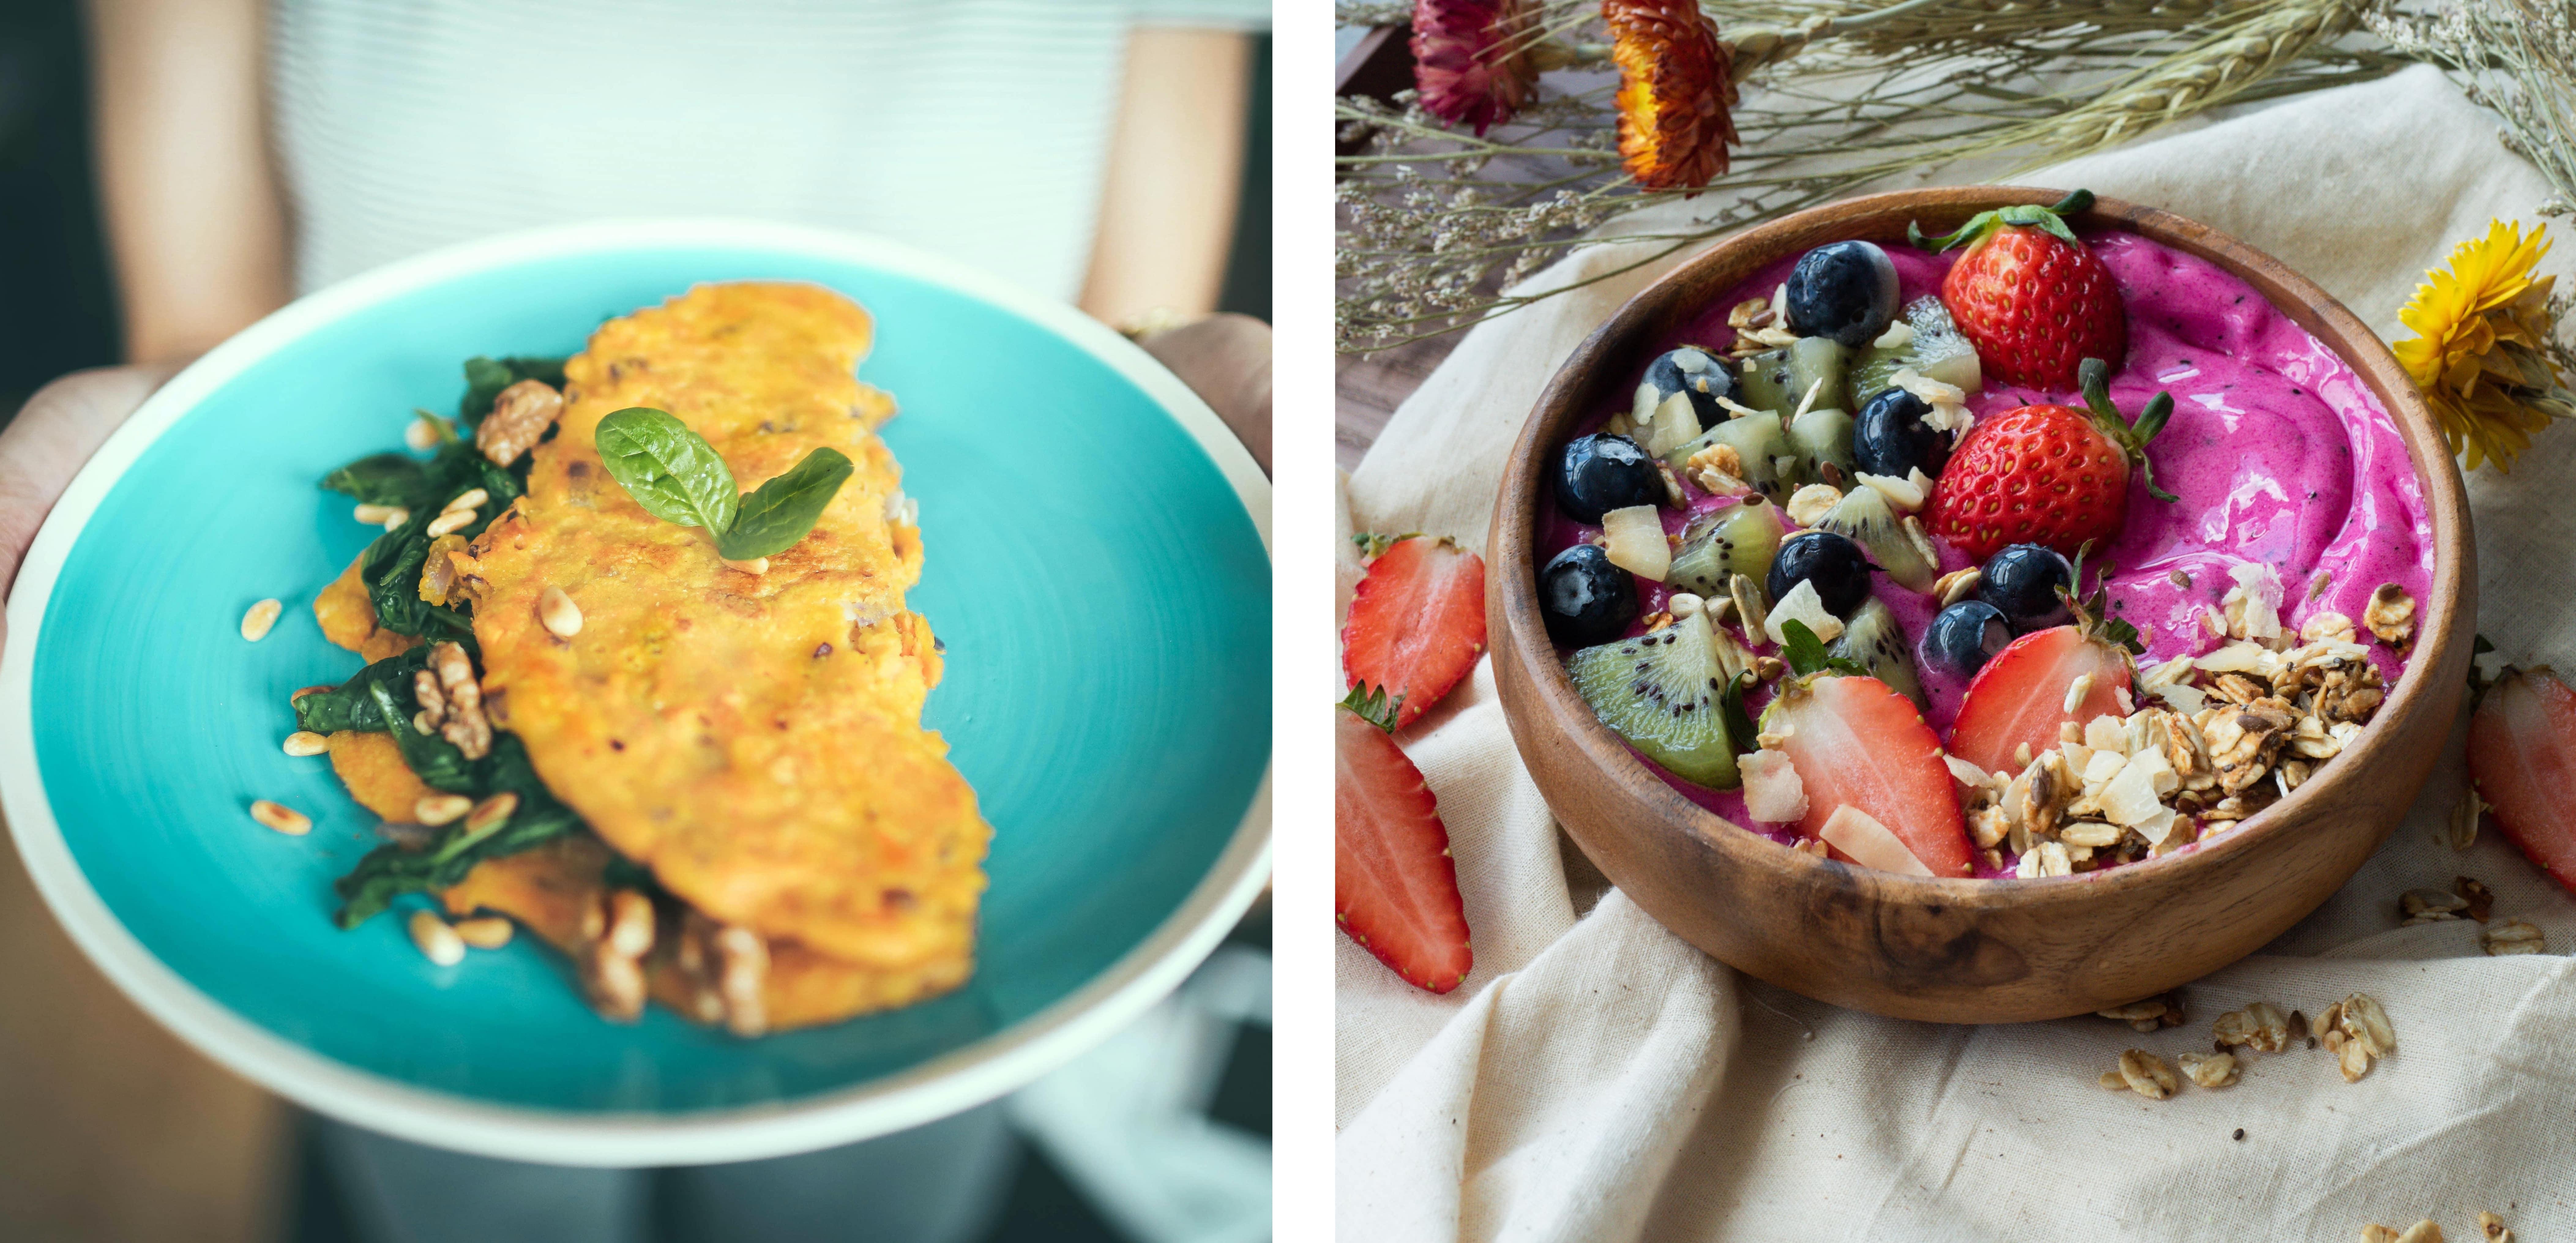 omelett og smoothie bowl